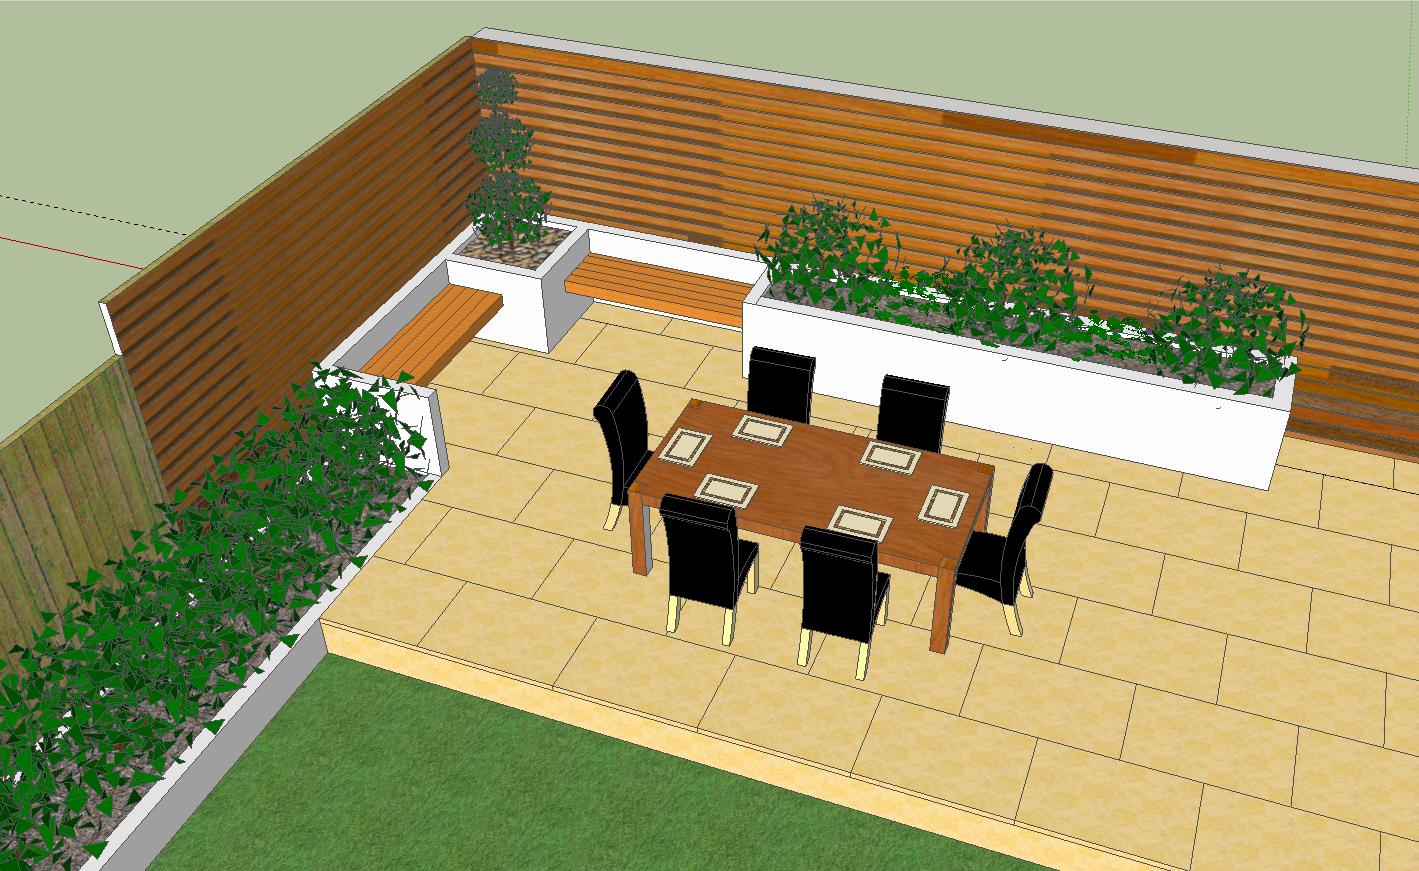 3d_design_2.png